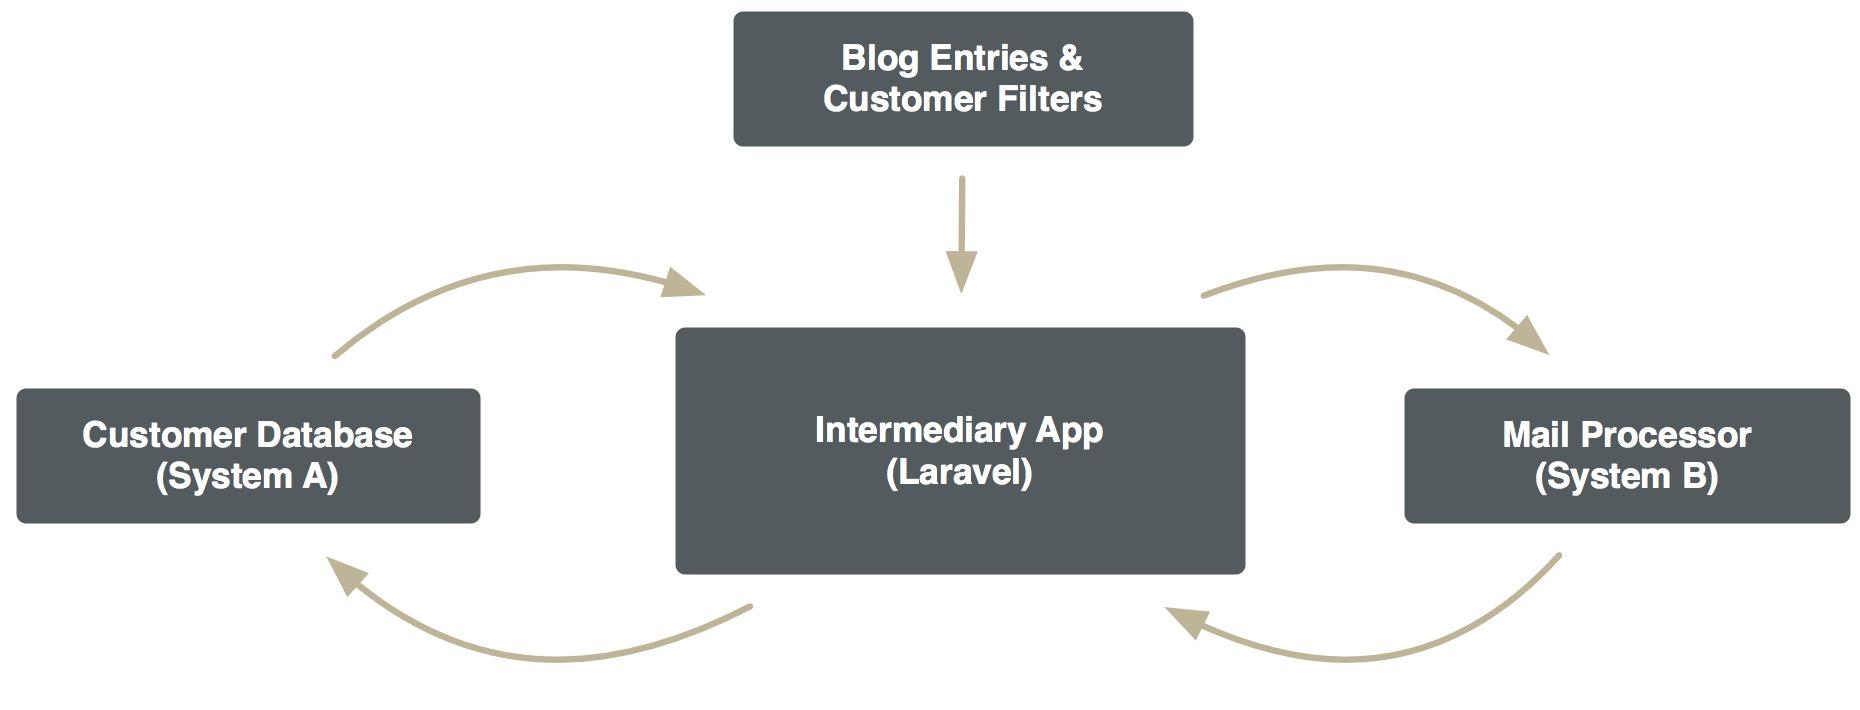 Laravel as an Intermediary Diagram